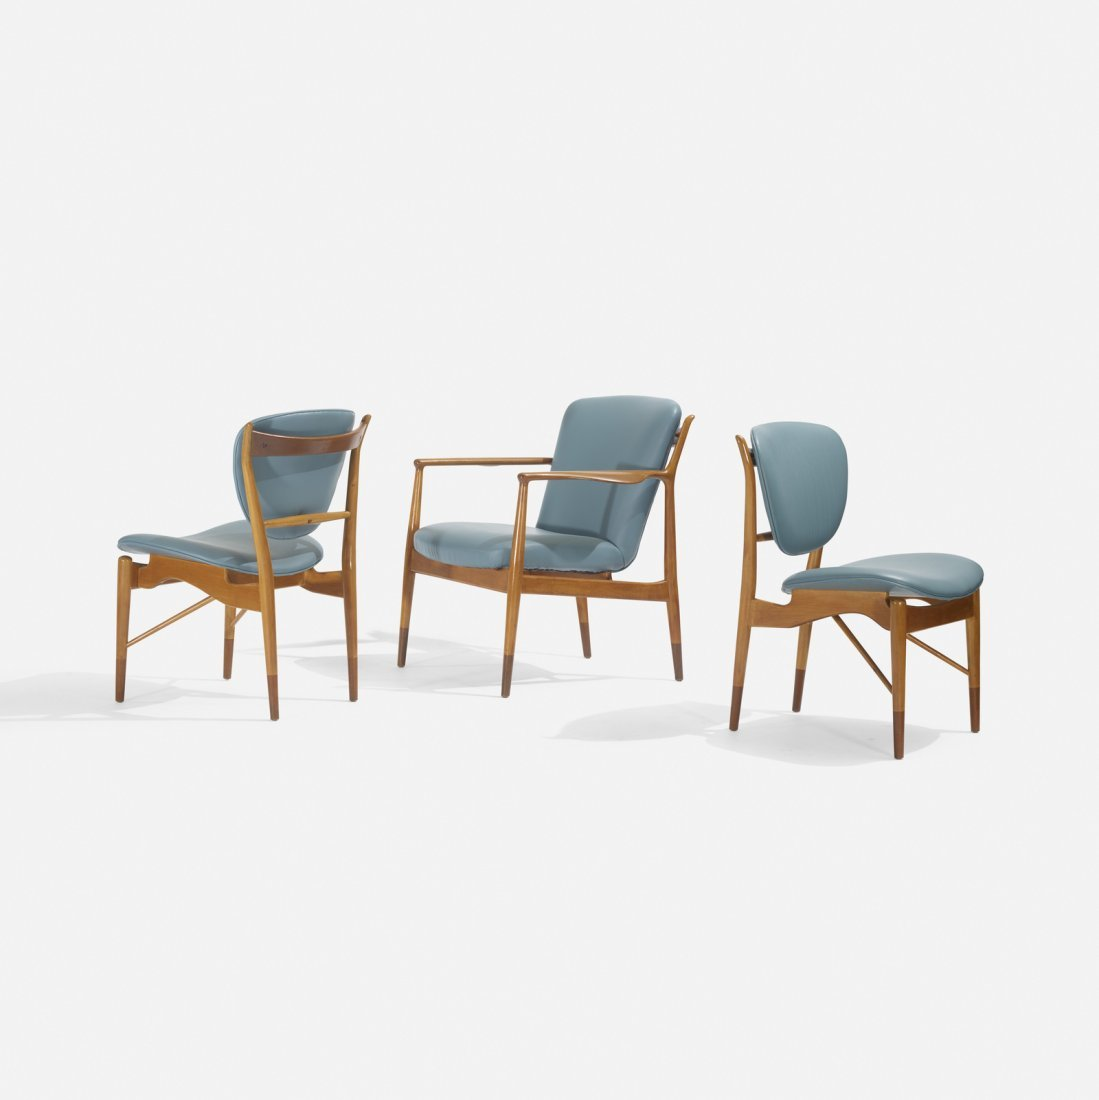 Finn Juhl, set of three chairs